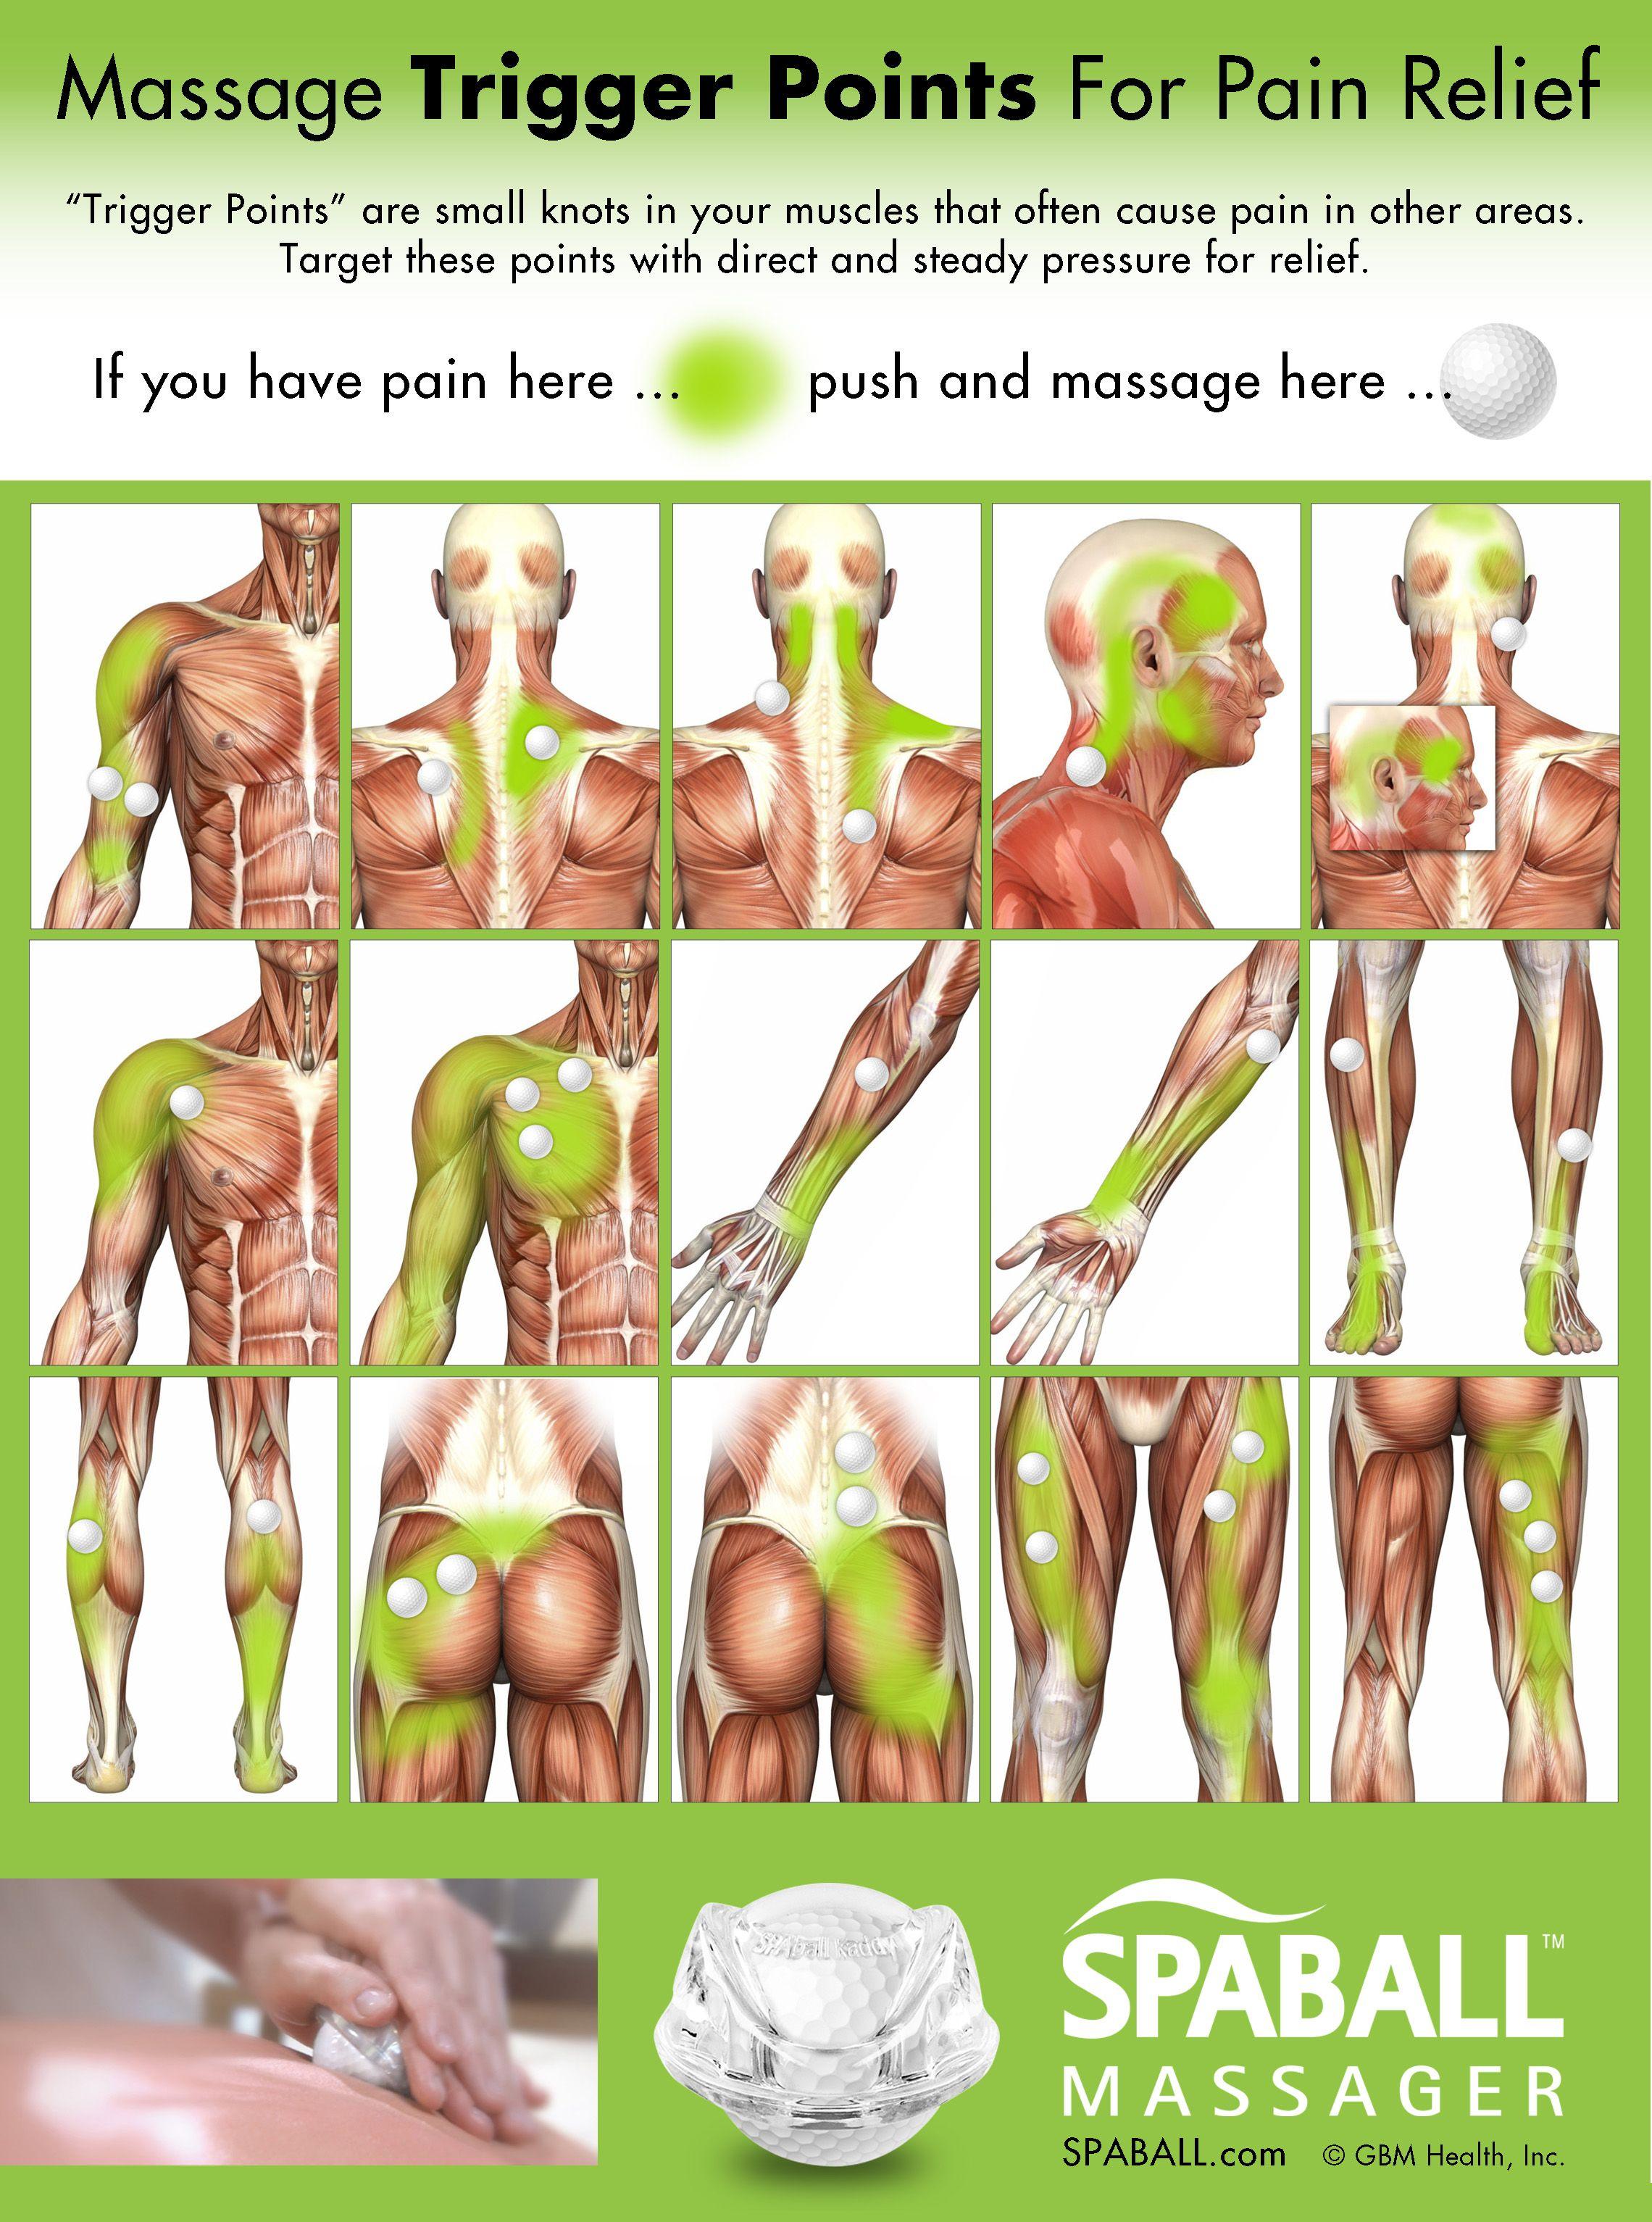 ujjízület gyulladás a stroke-ból)